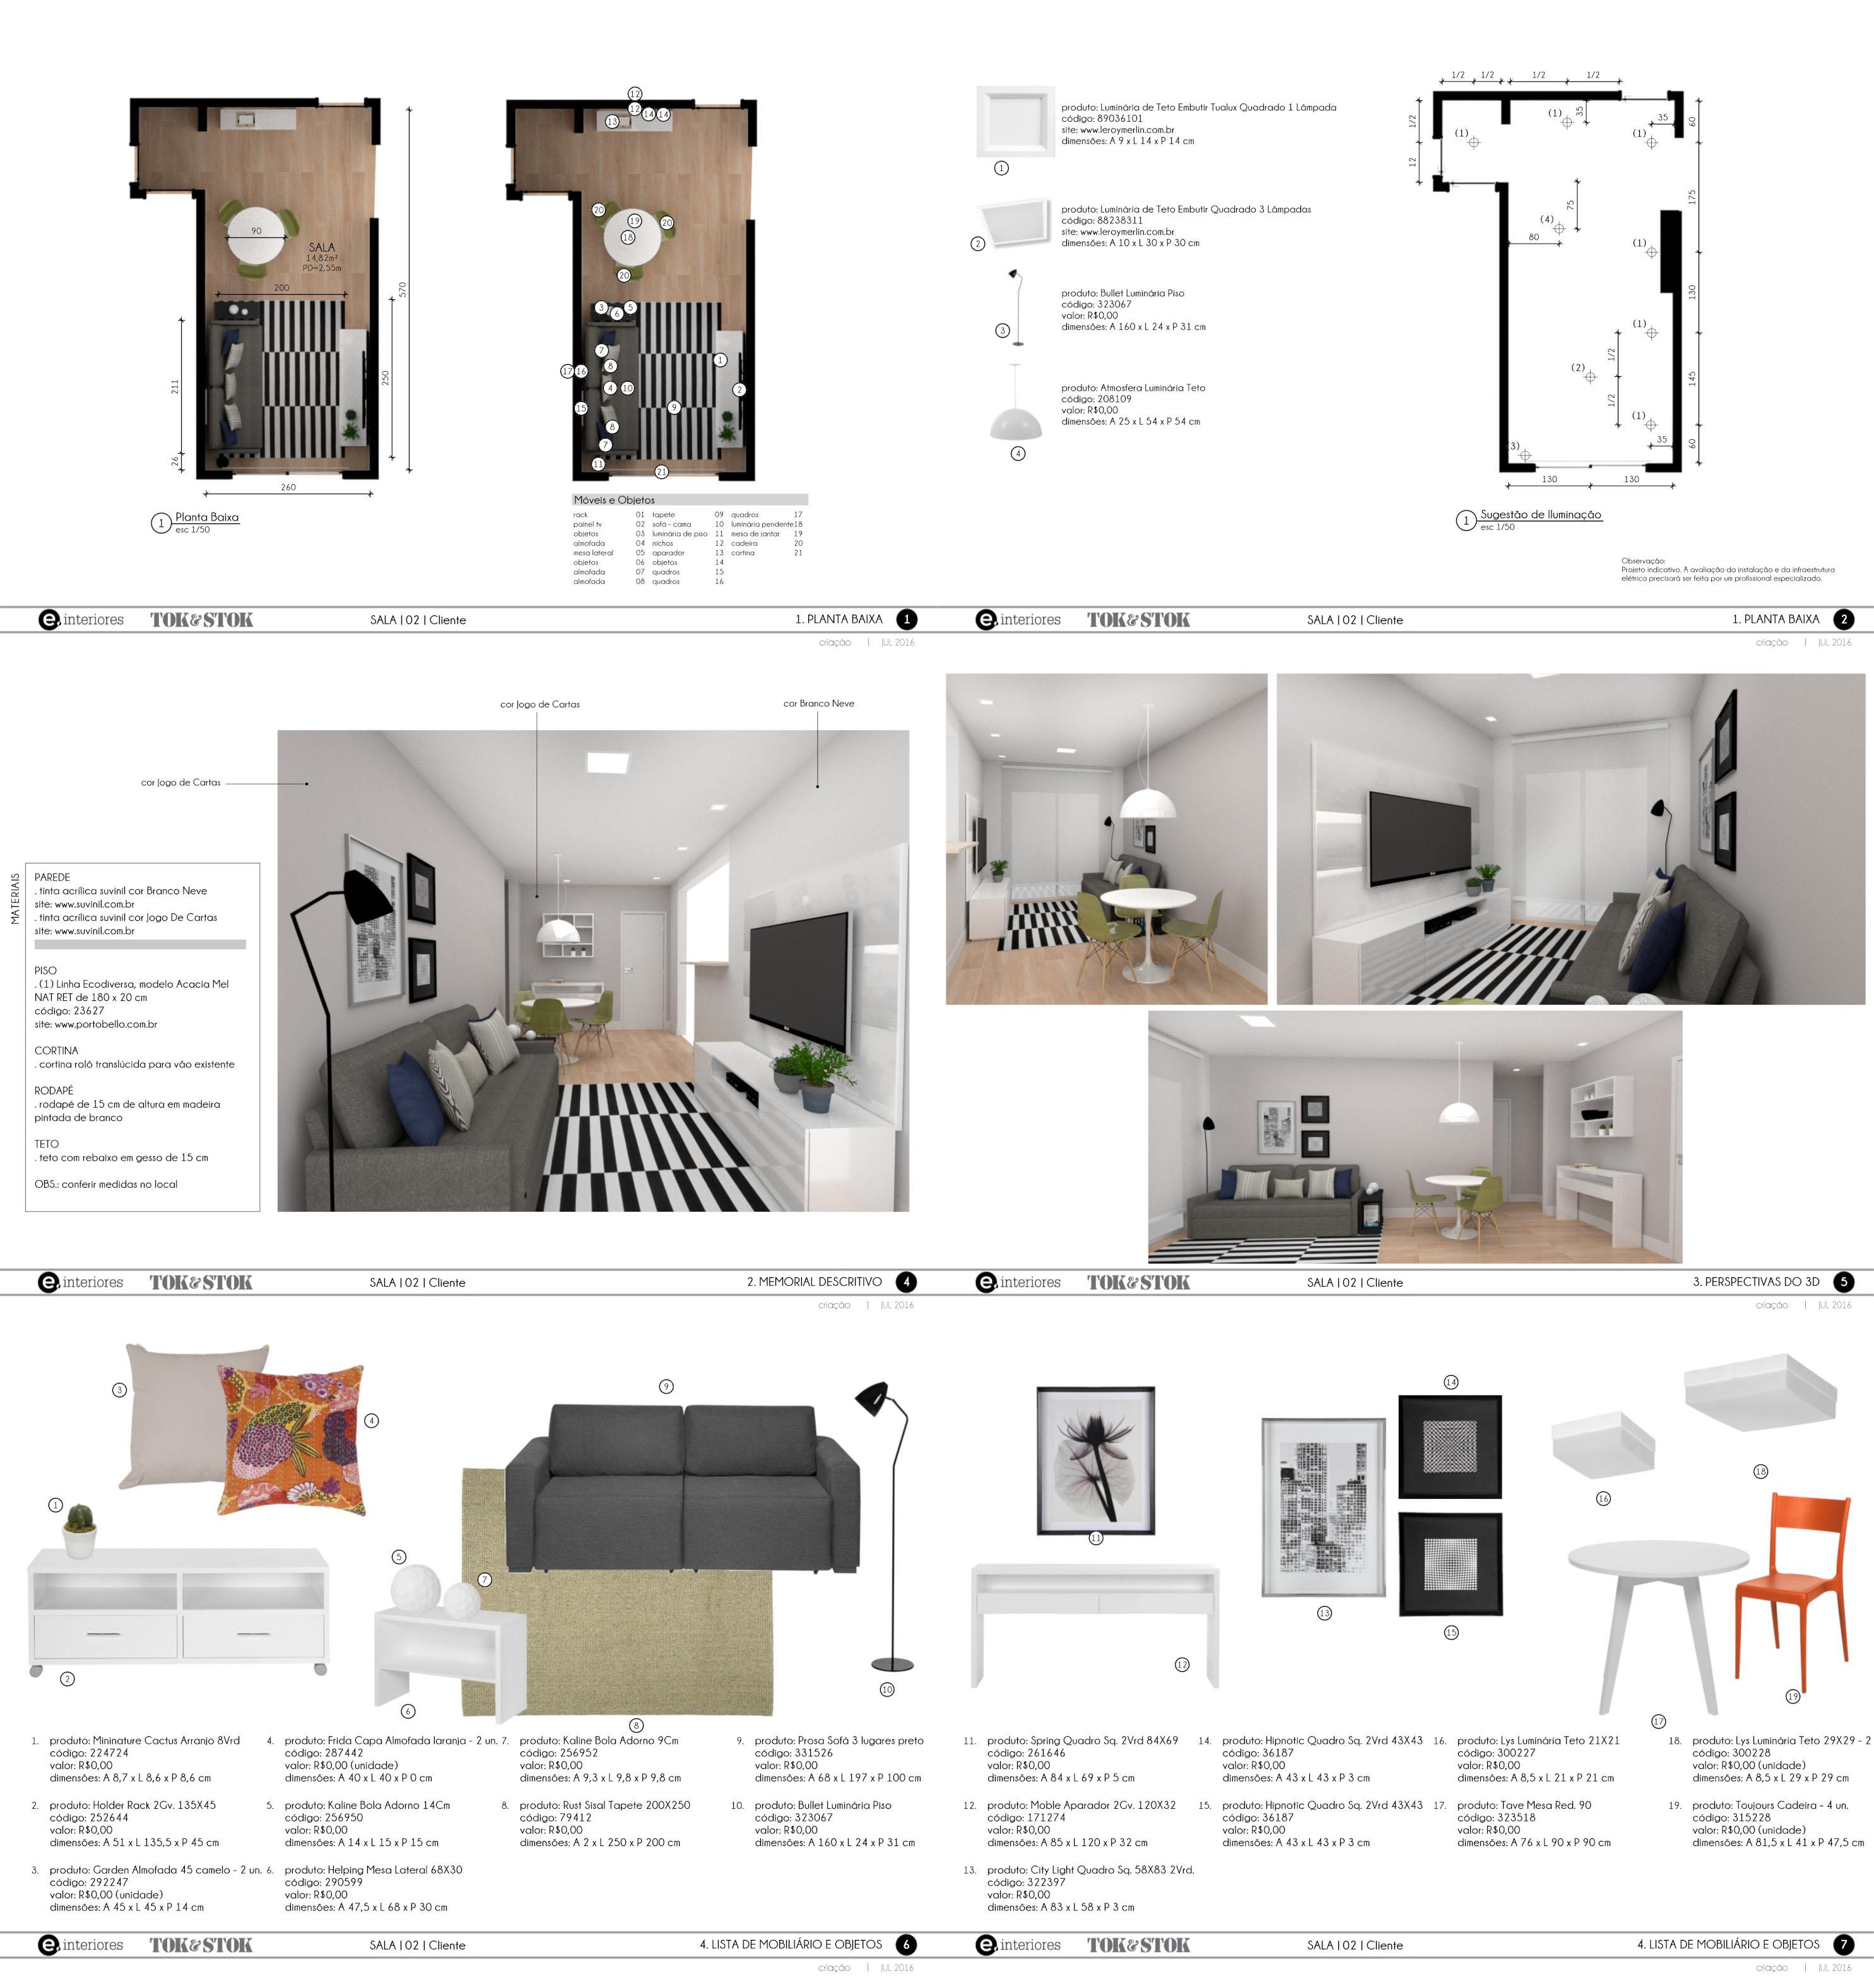 Boards  sc 1 st  Blender & E-Interiores: Next-generation interior design with Blender u2014 blender.org